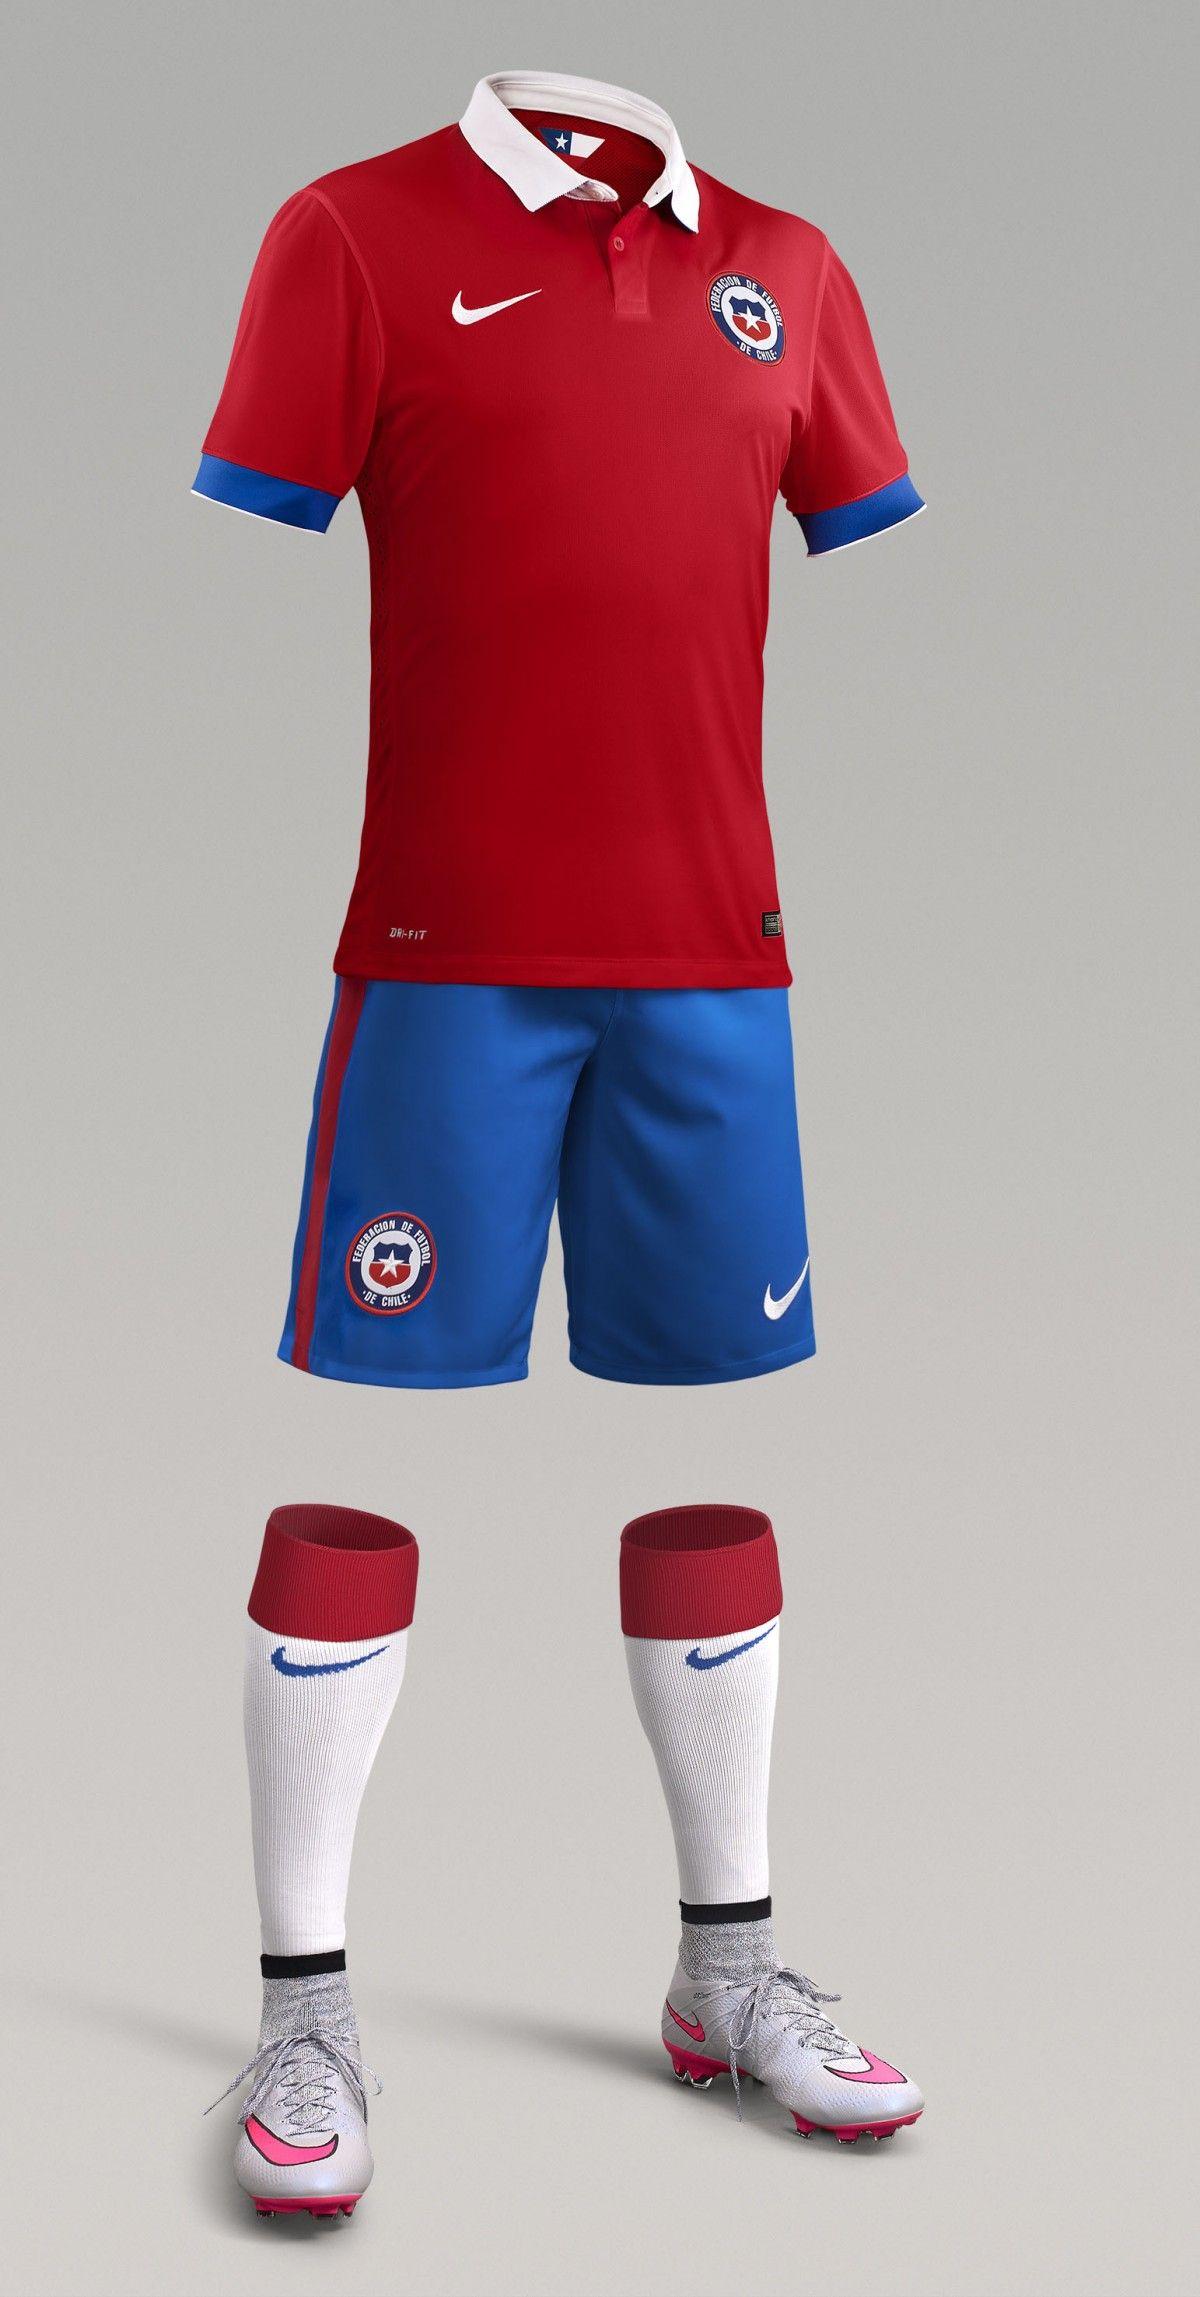 f9a9ad4d19 logo seleccion de futbol de chile - Buscar con Google Football Team Kits